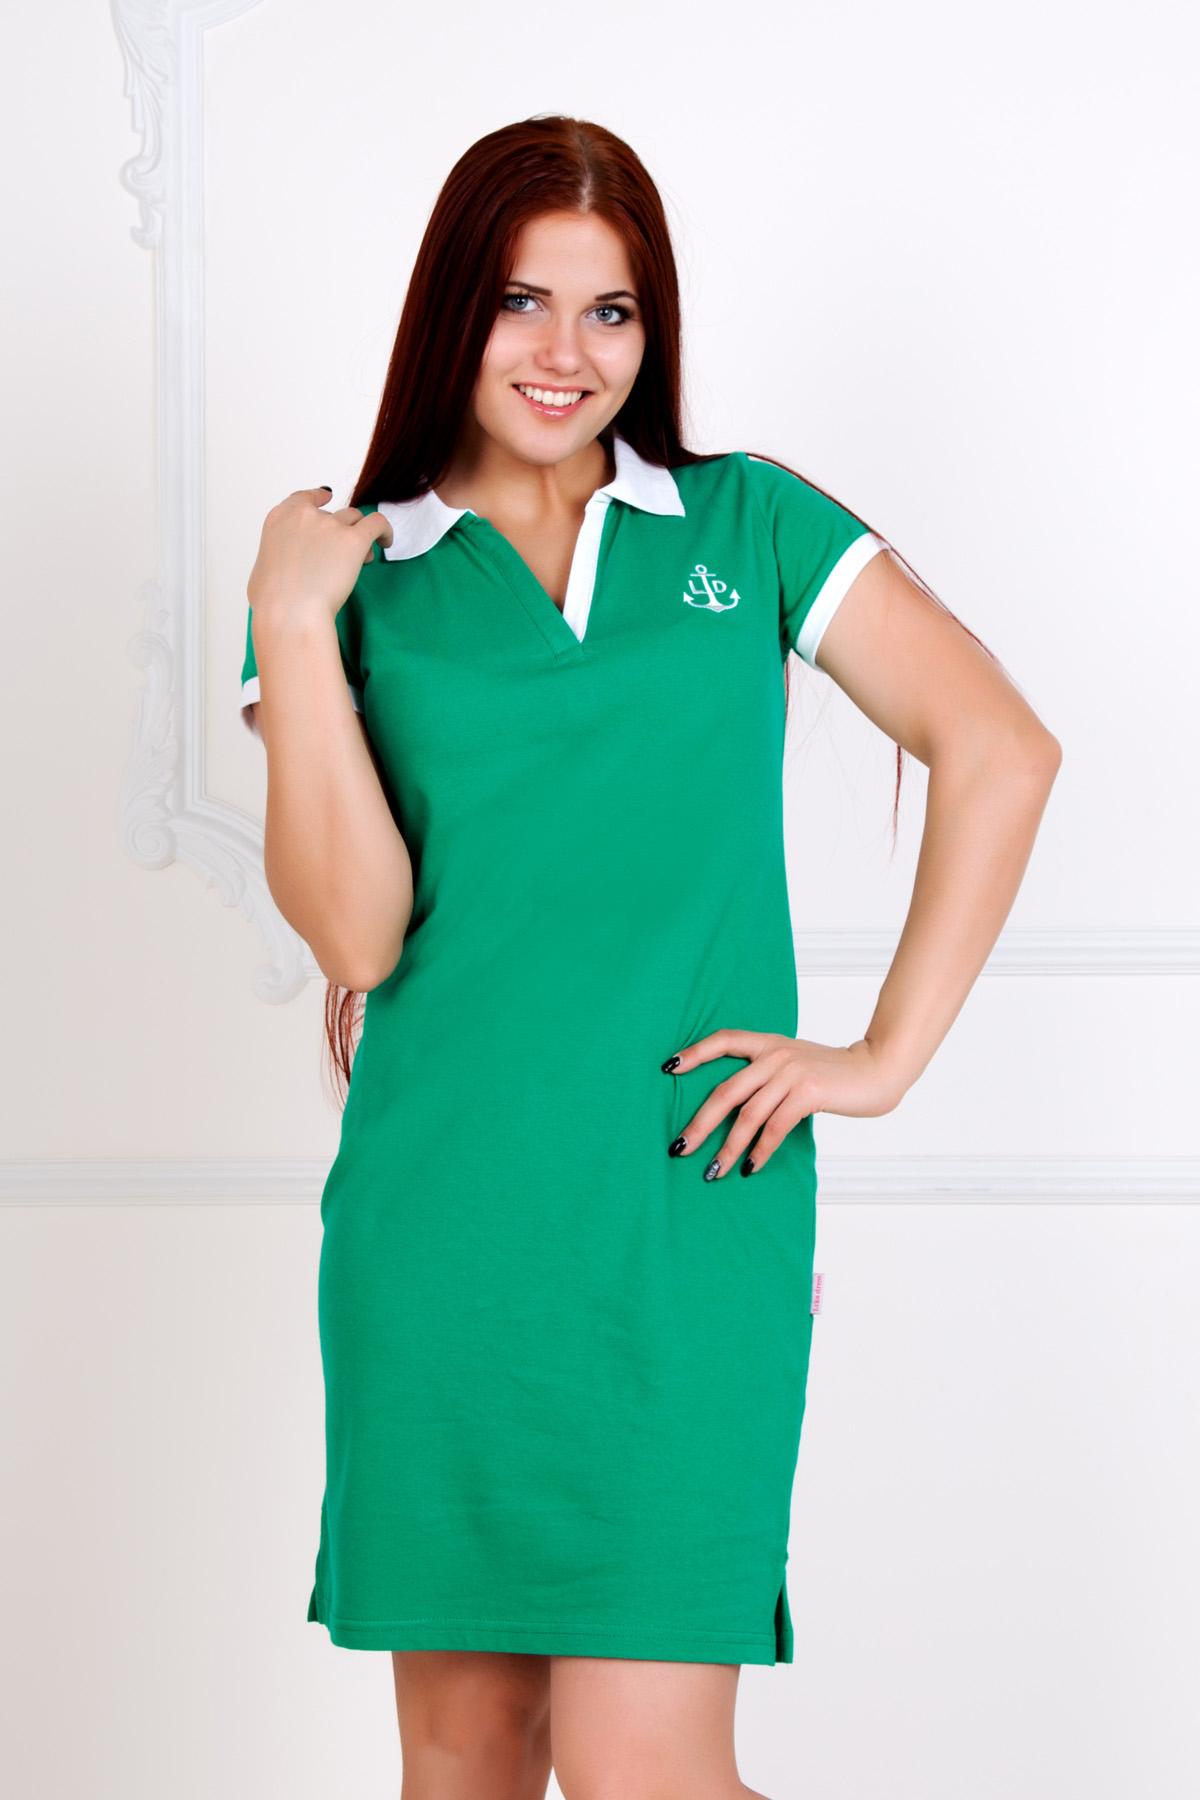 Жен. платье Поло Зеленый р. 40Распродажа<br>Обхват груди:80 см<br>Обхват талии:62 см<br>Обхват бедер:88 см<br>Длина по спинке:89 см<br>Рост:167 см<br><br>Тип: Жен. платье<br>Размер: 40<br>Материал: Пике